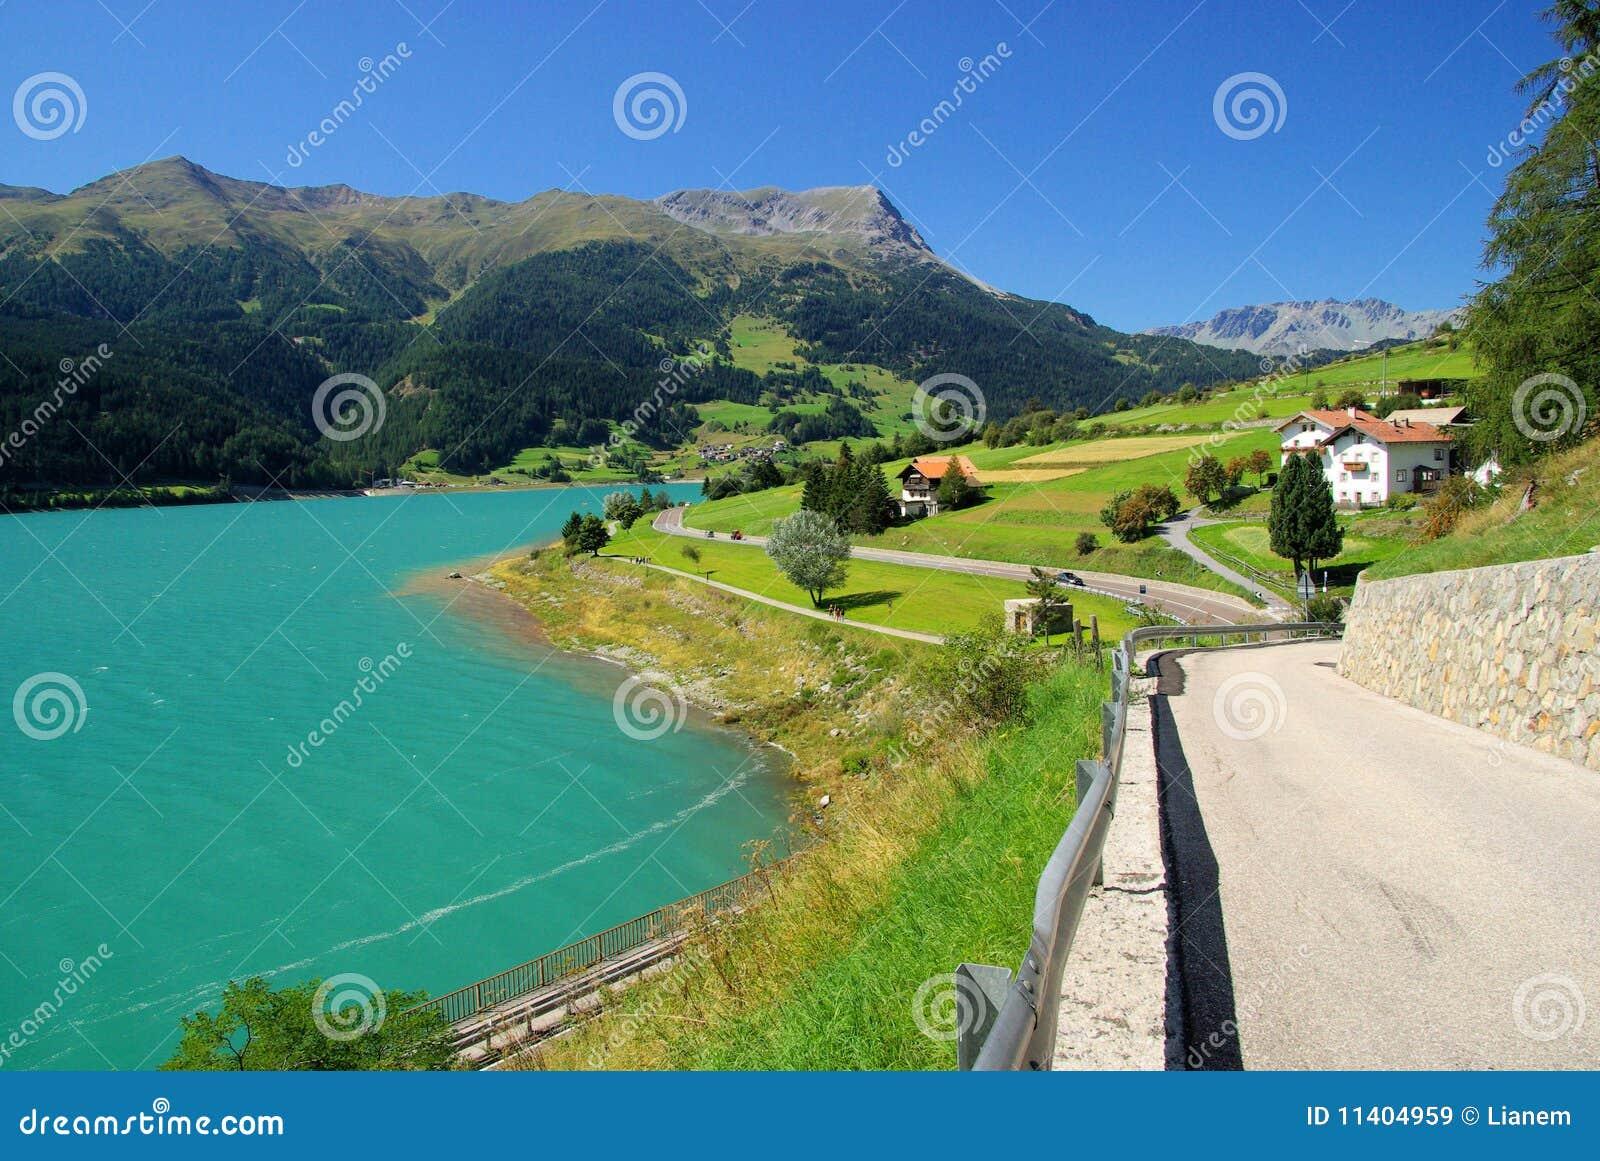 Lake Reschensee